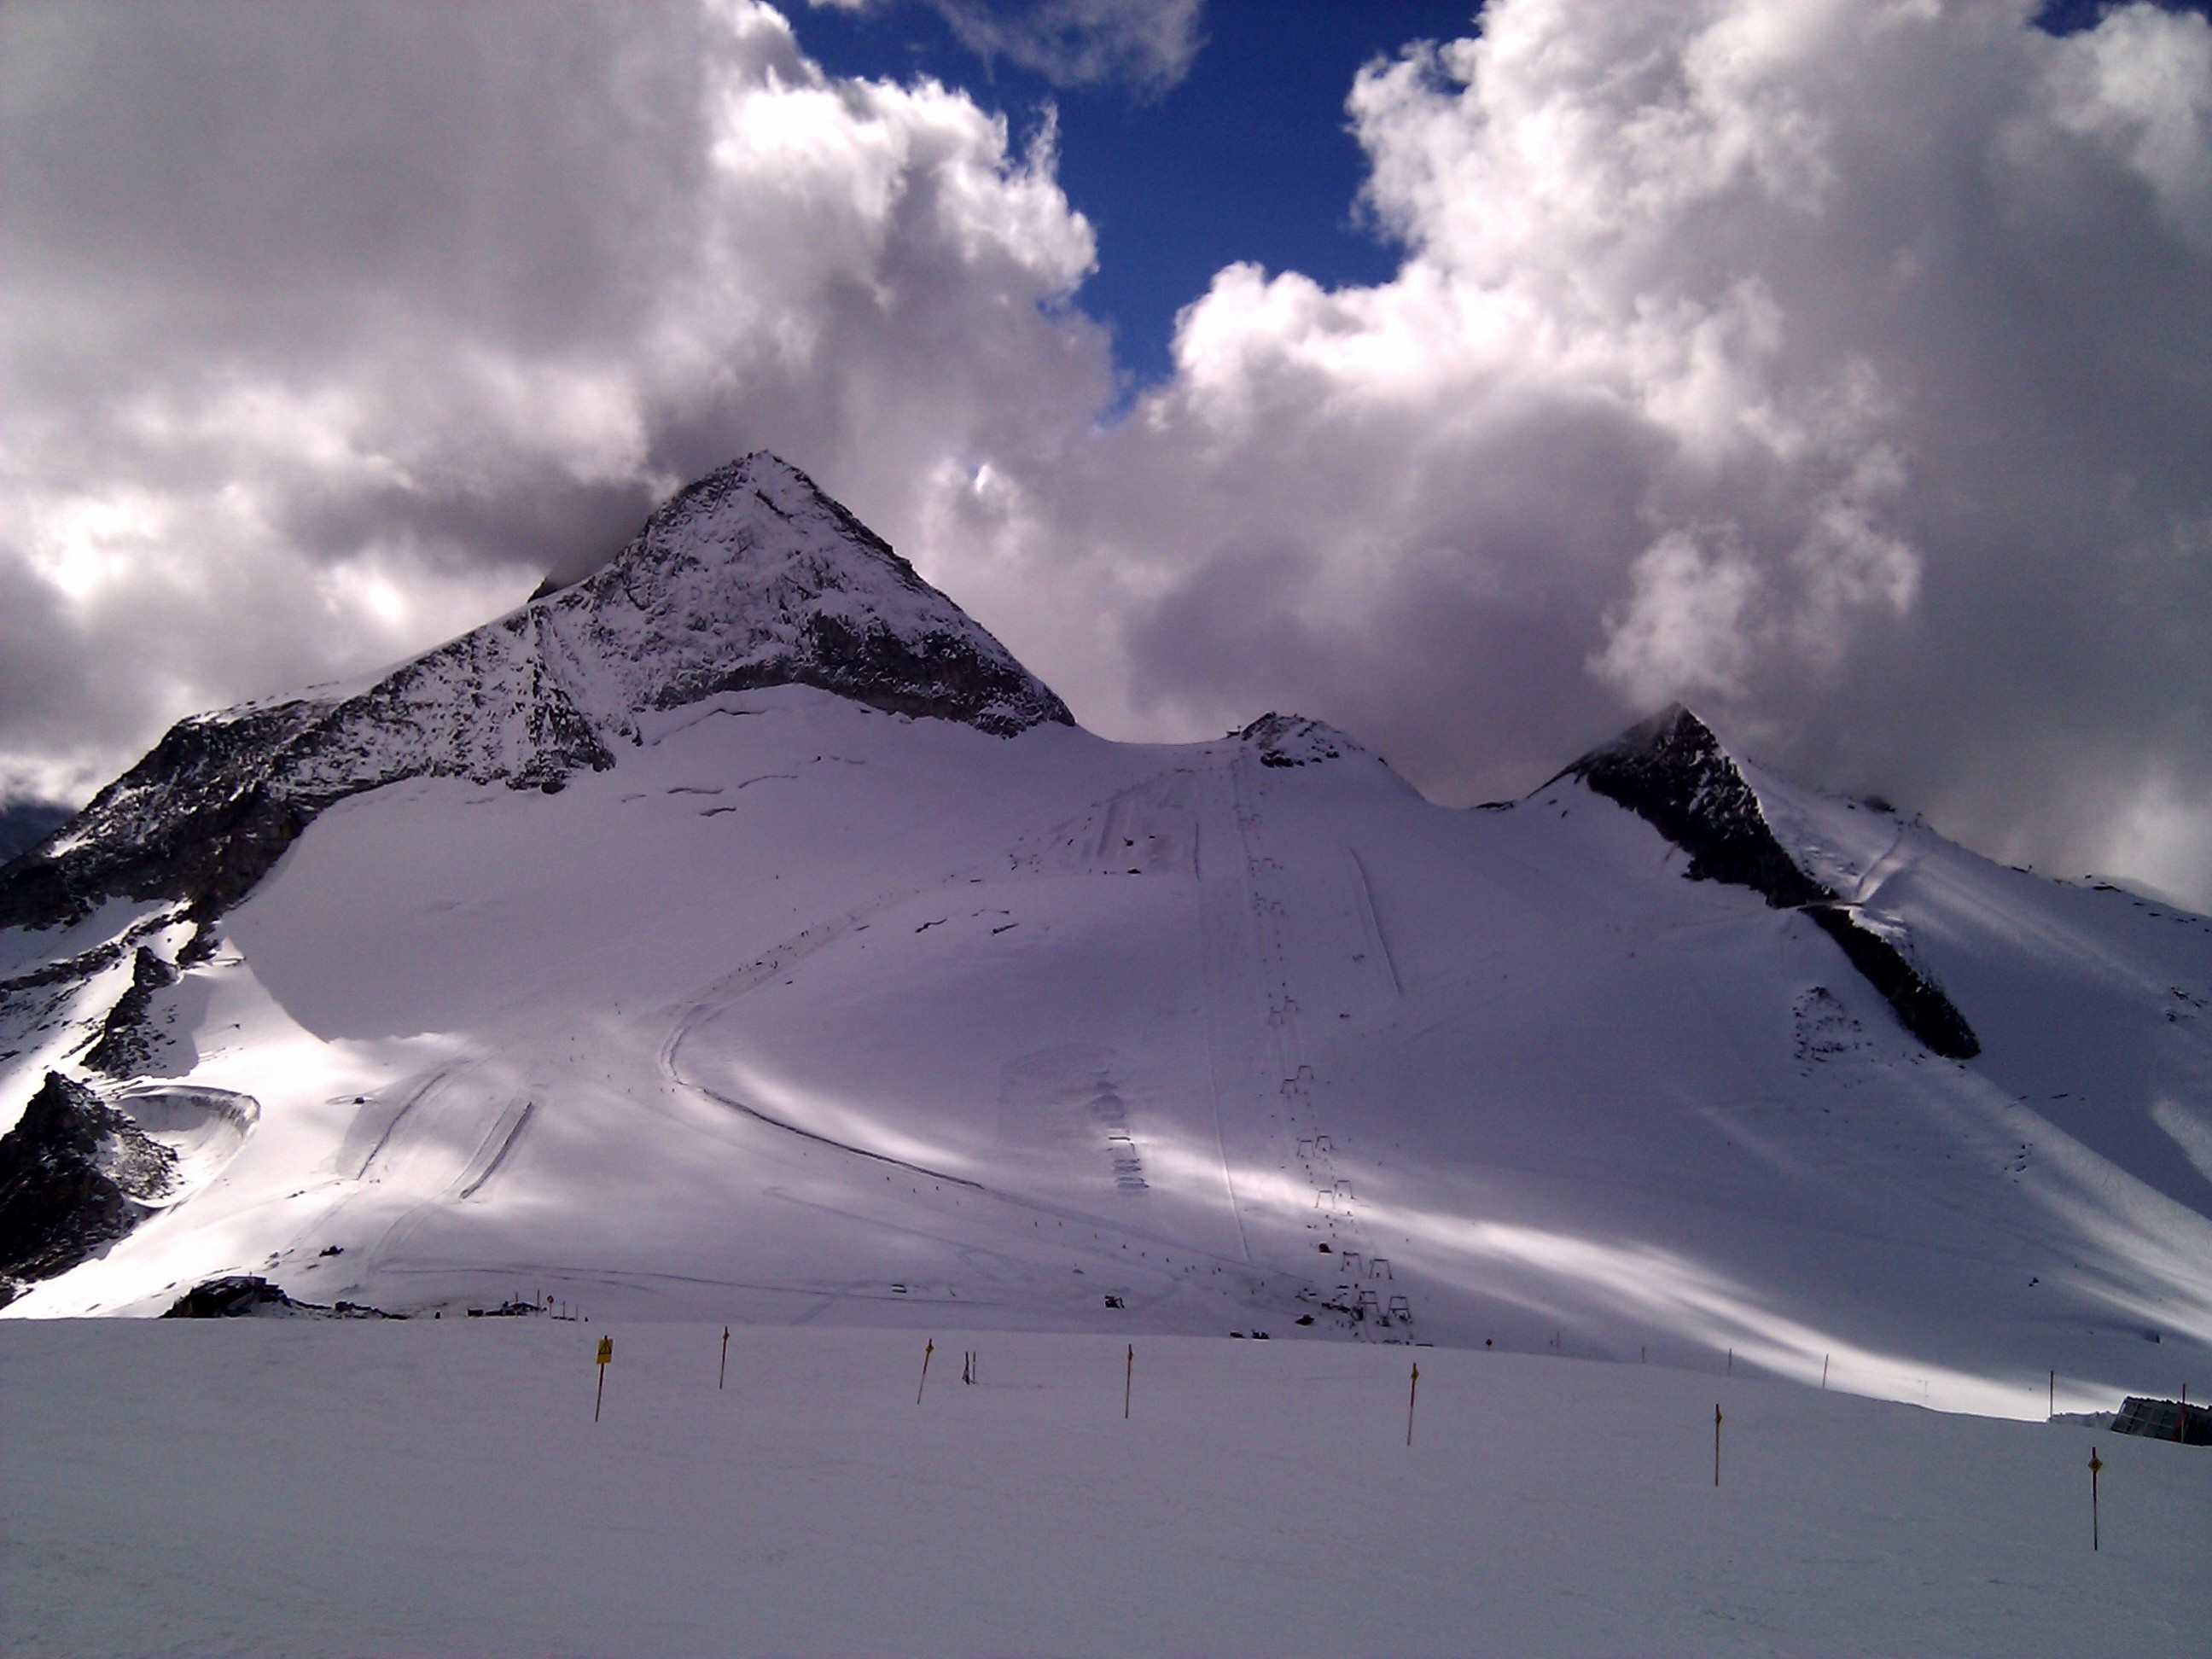 Der Snow-Park am Tuxer Gletscher erstrahlt im alten Glanz. Hier aus der Ferne zu sehen, im Hintergrund der Olperer.